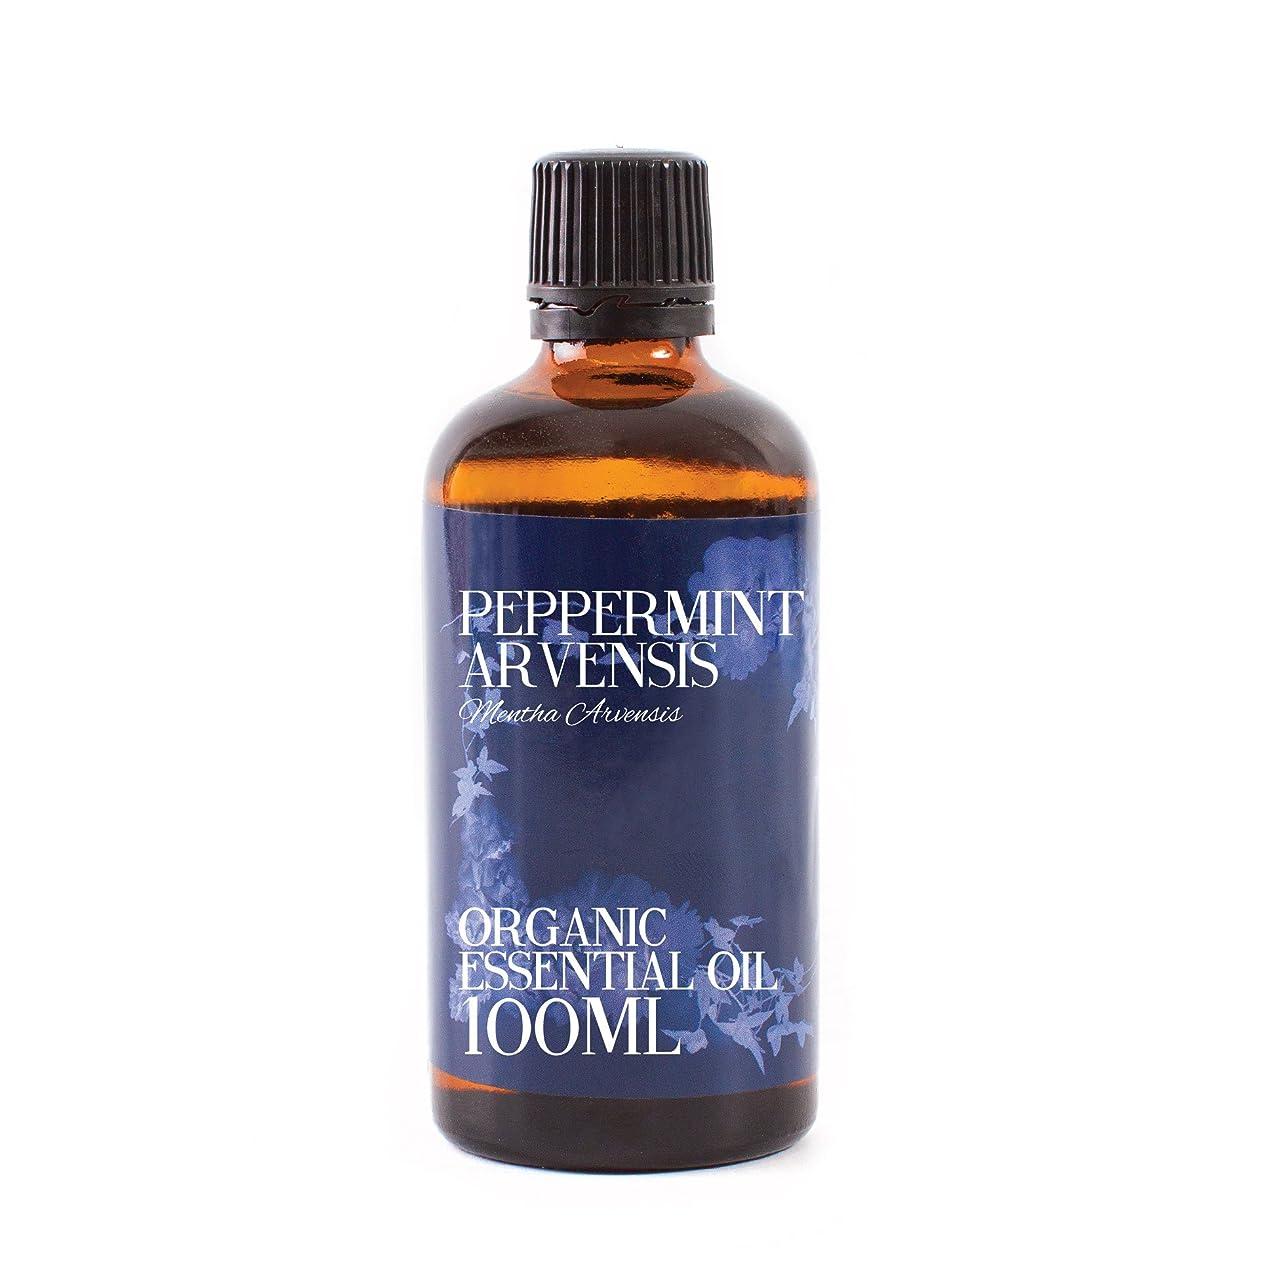 住人スタジオ架空のMystic Moments   Peppermint Arvensis Organic Essential Oil - 100ml - 100% Pure